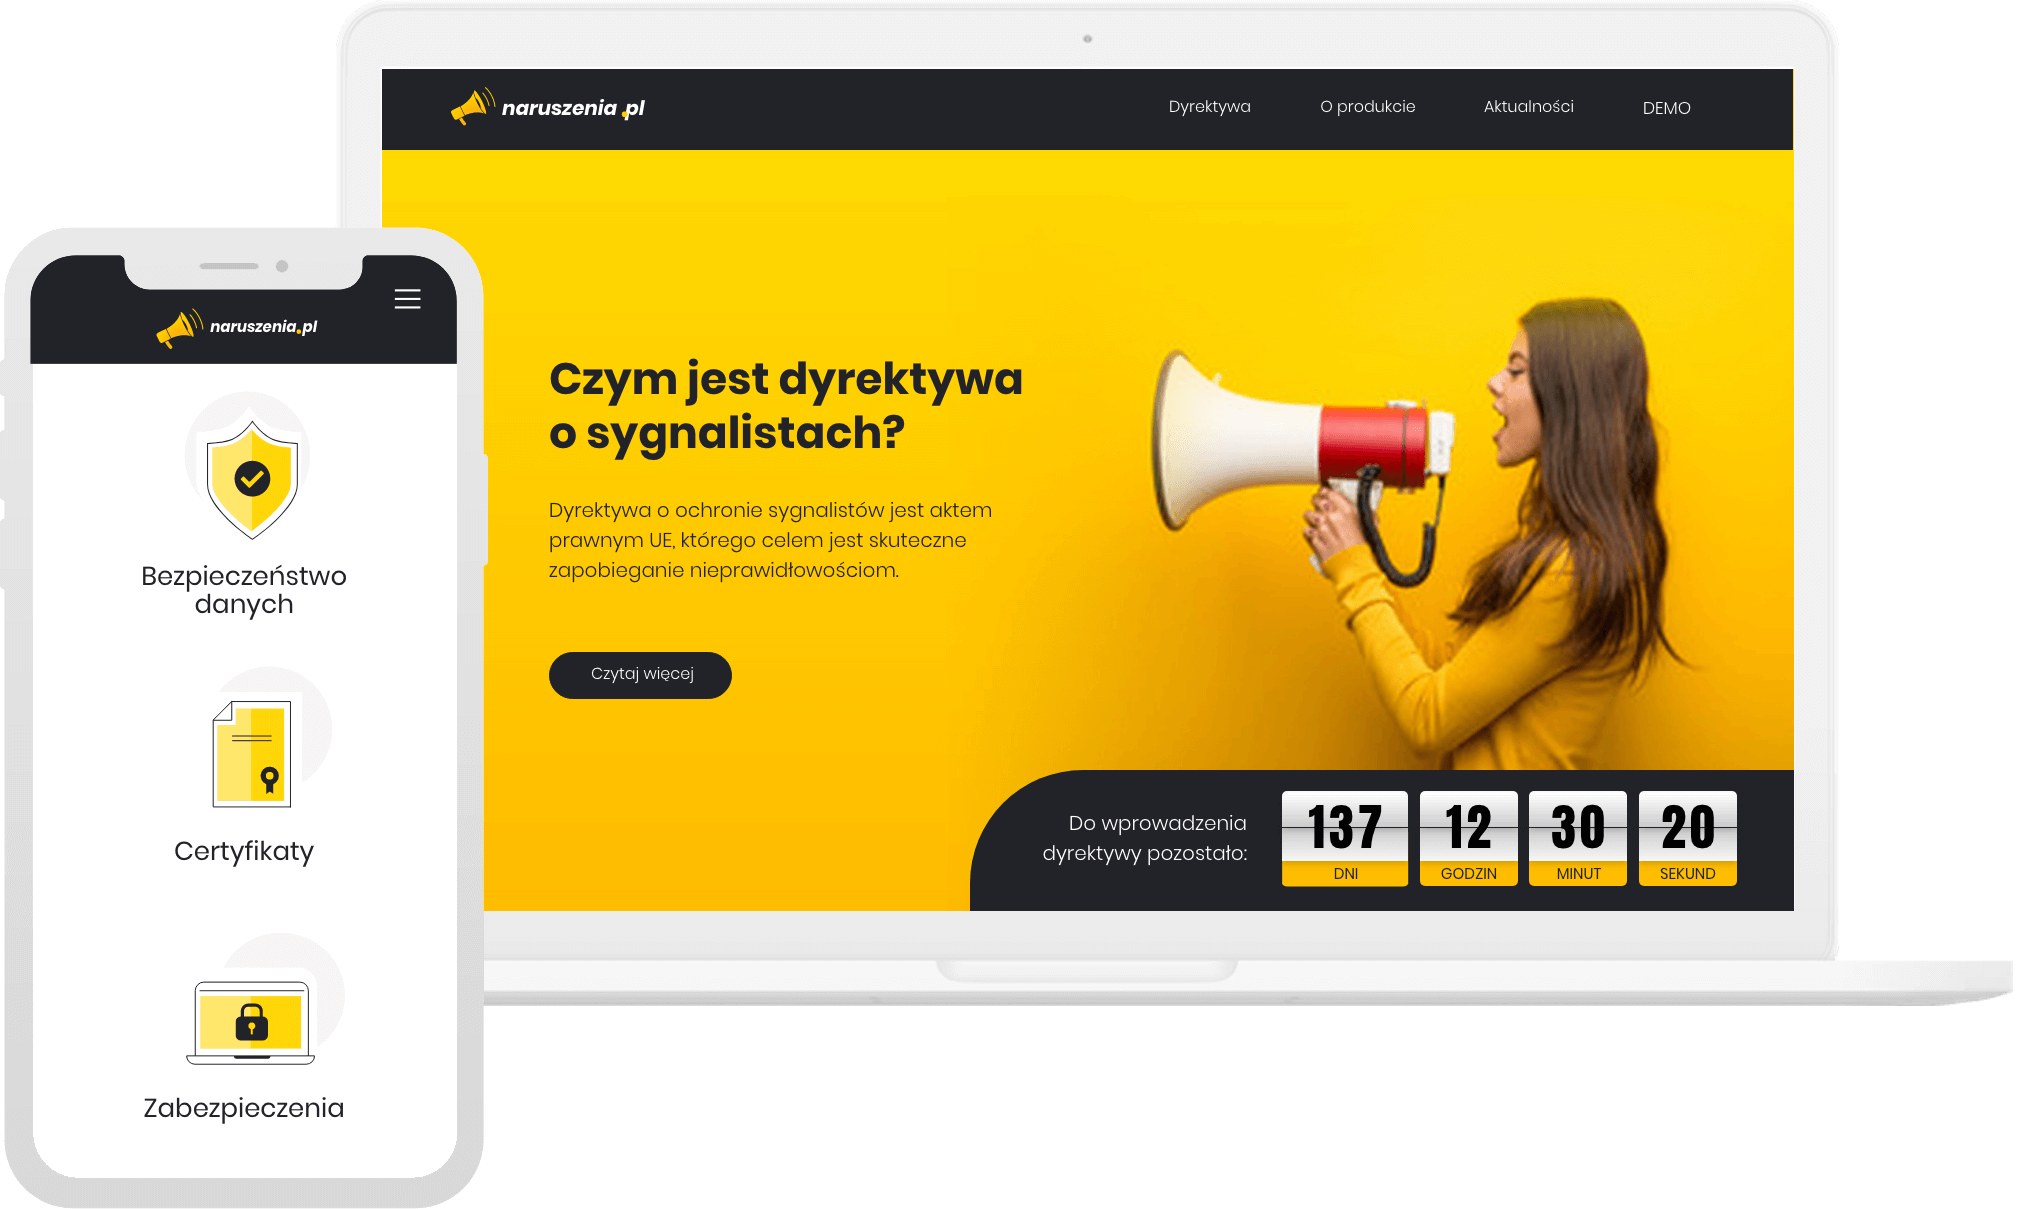 Portfolio Animativ - aplikacja dla sygnalistów zglosNaruszenie.pl